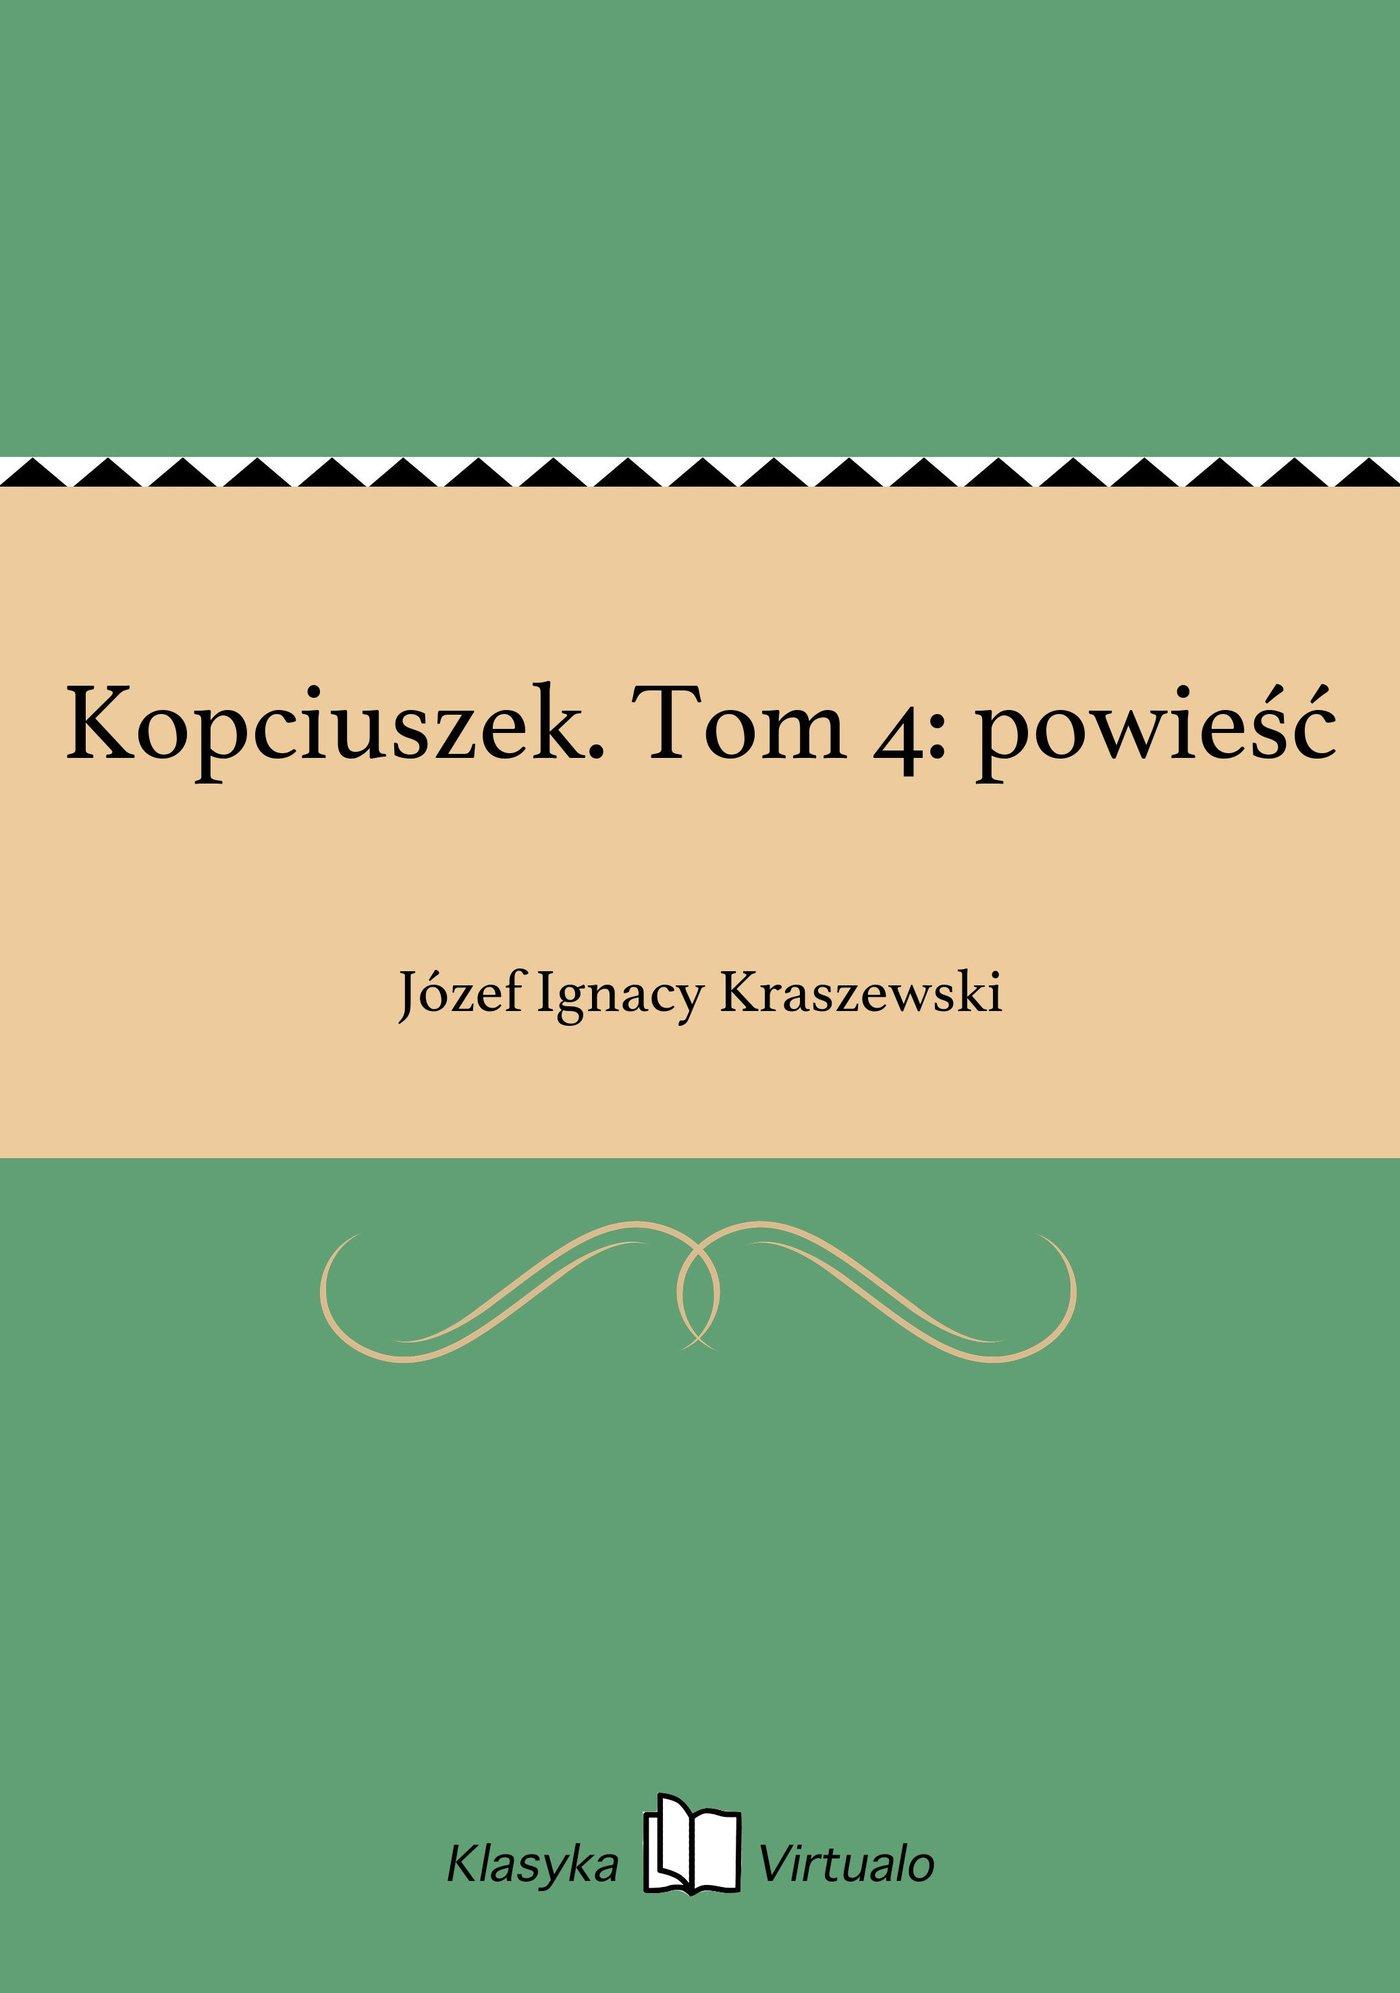 Kopciuszek. Tom 4: powieść - Ebook (Książka EPUB) do pobrania w formacie EPUB